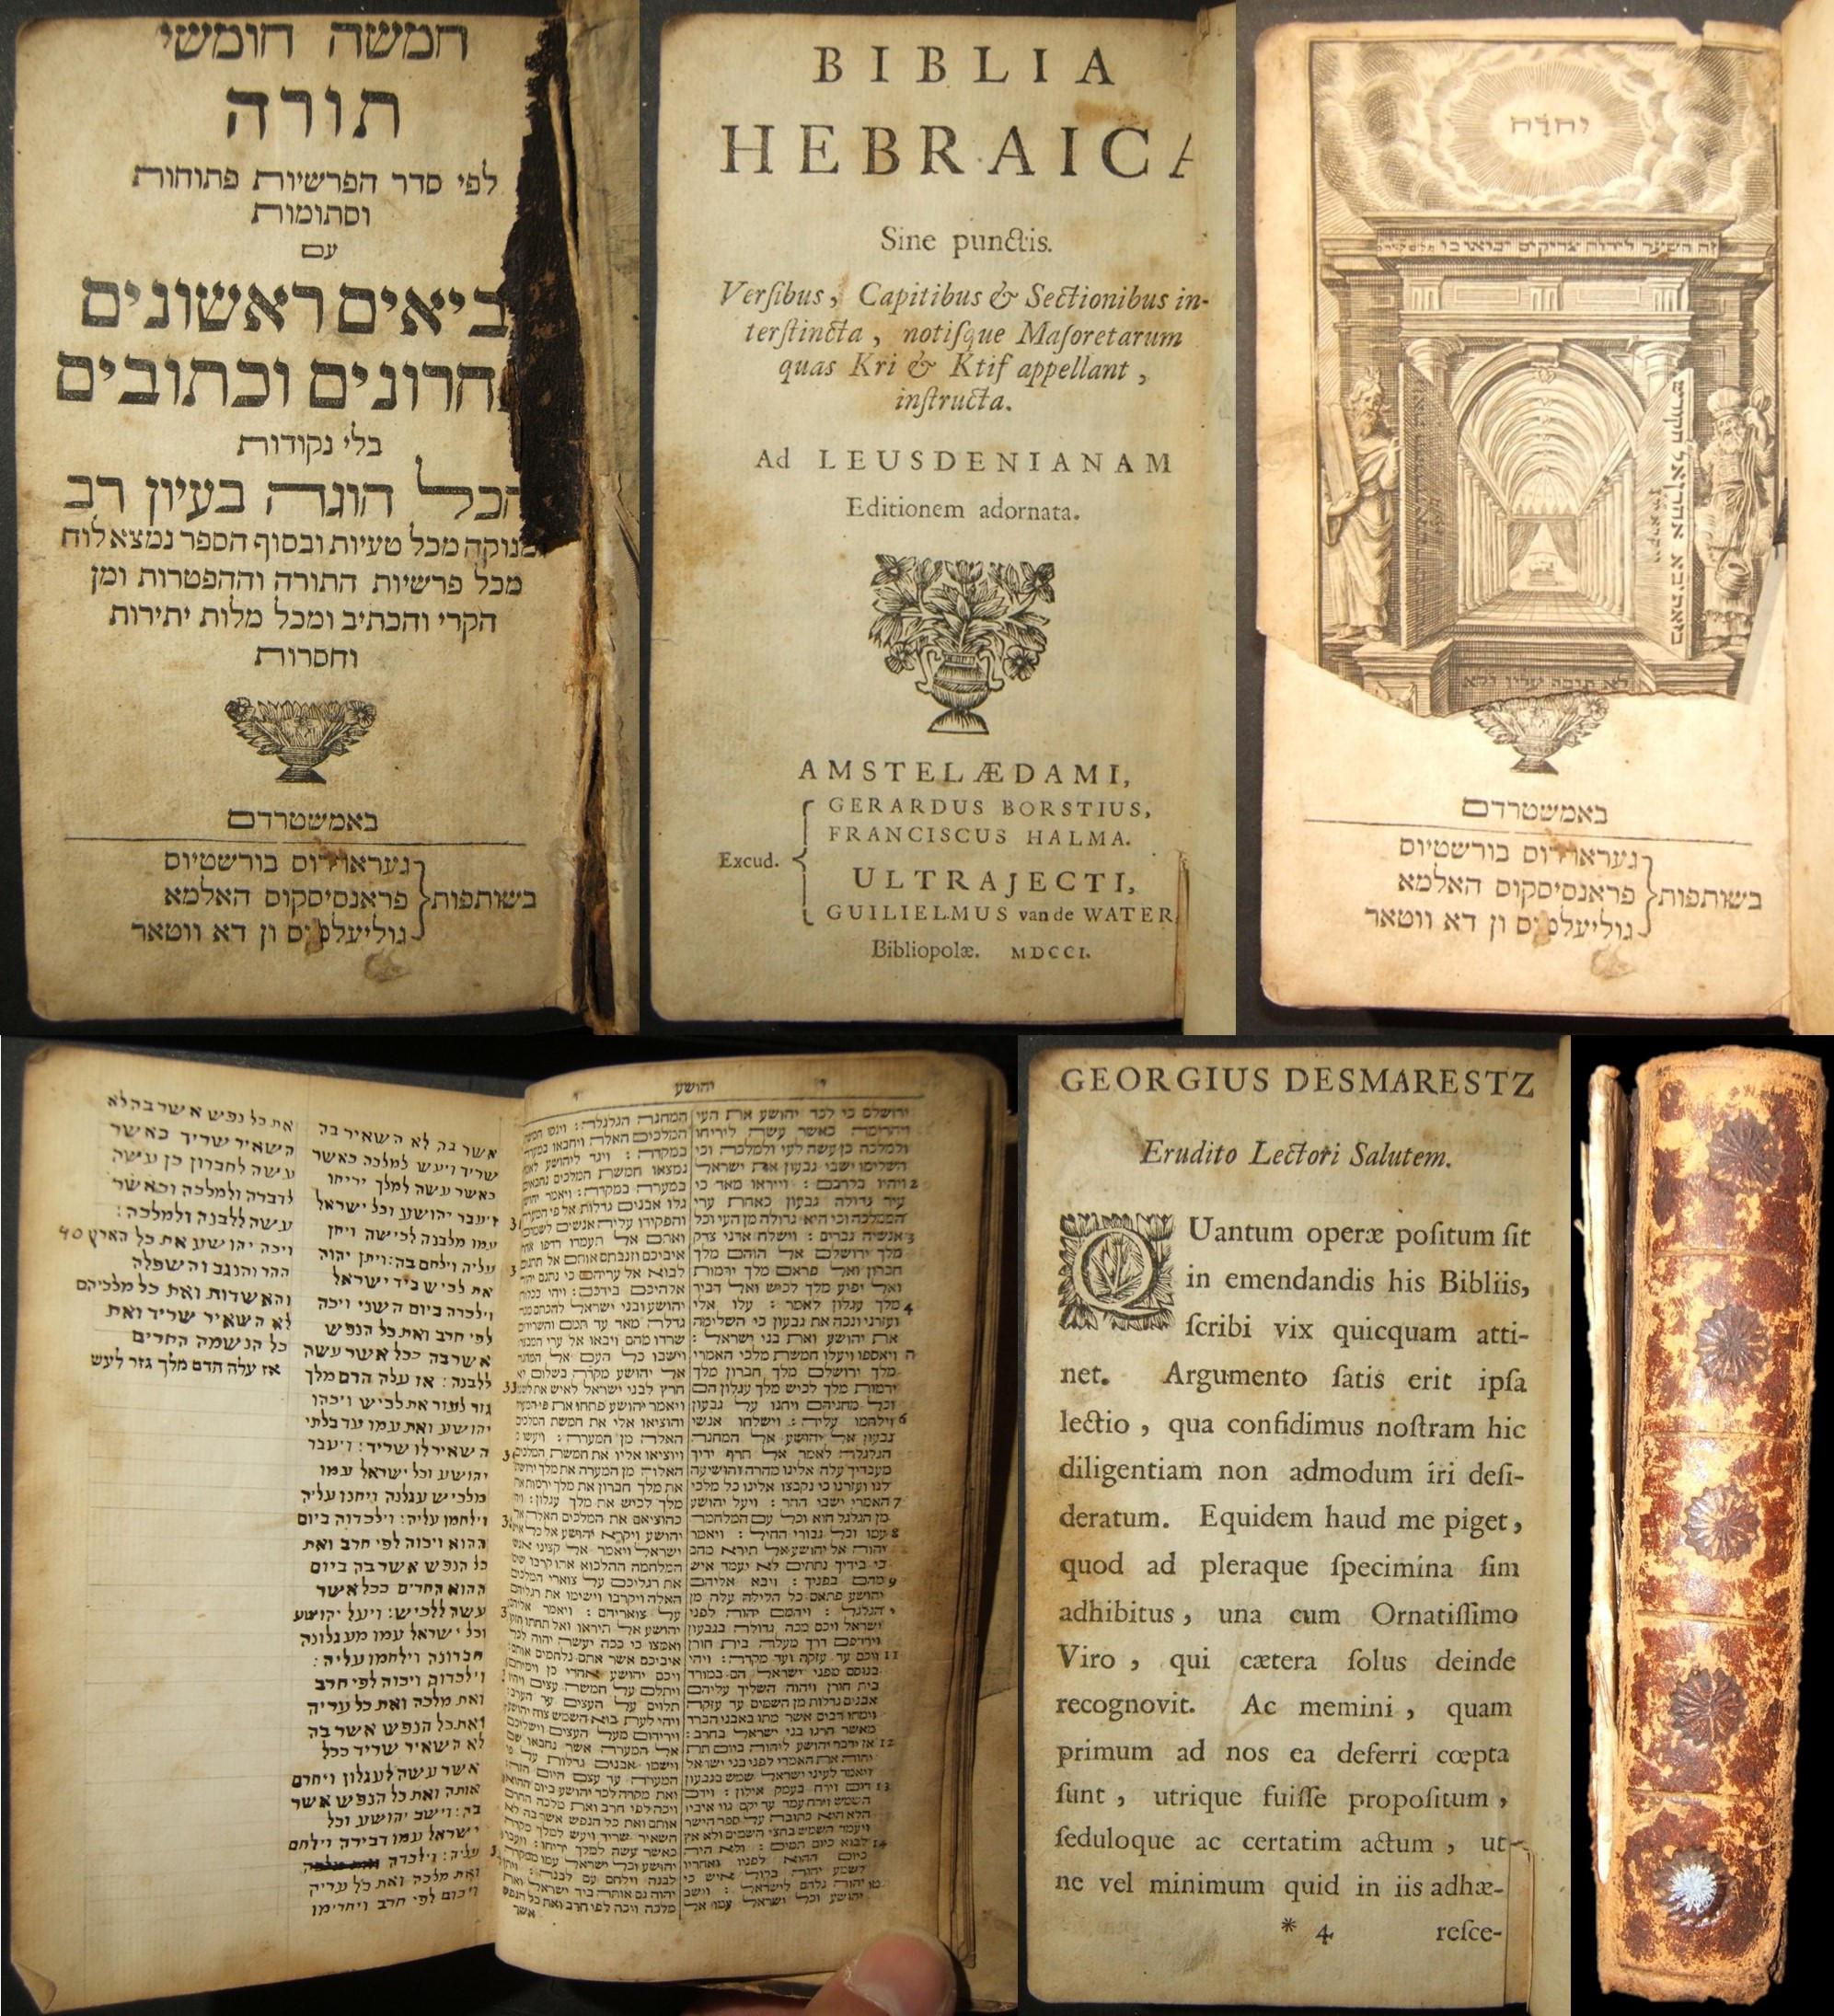 الهولندية اللاتينية / العبرية Biblia Hebraica Tanach، part 2؛ Borstius، Halma & Water 1701